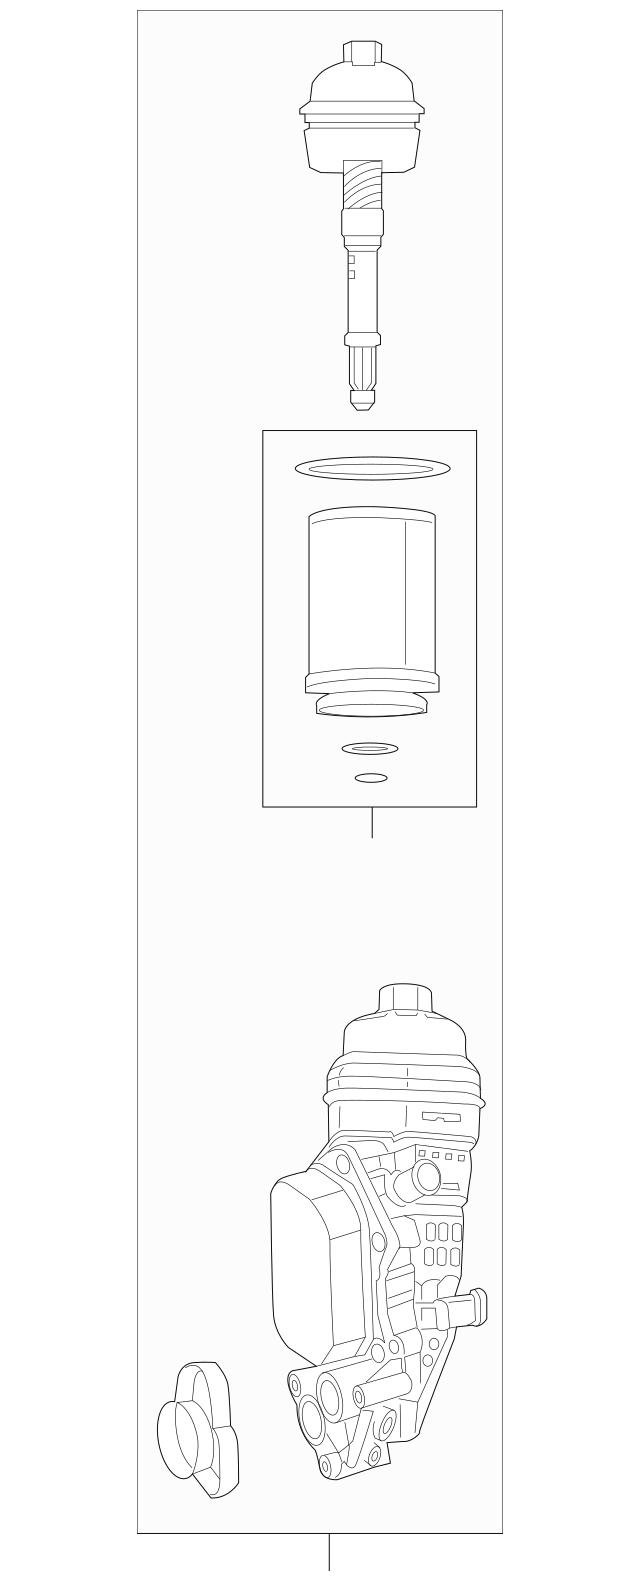 2014-2019 Mercedes-Benz Oil Filter Housing 133-180-02-10